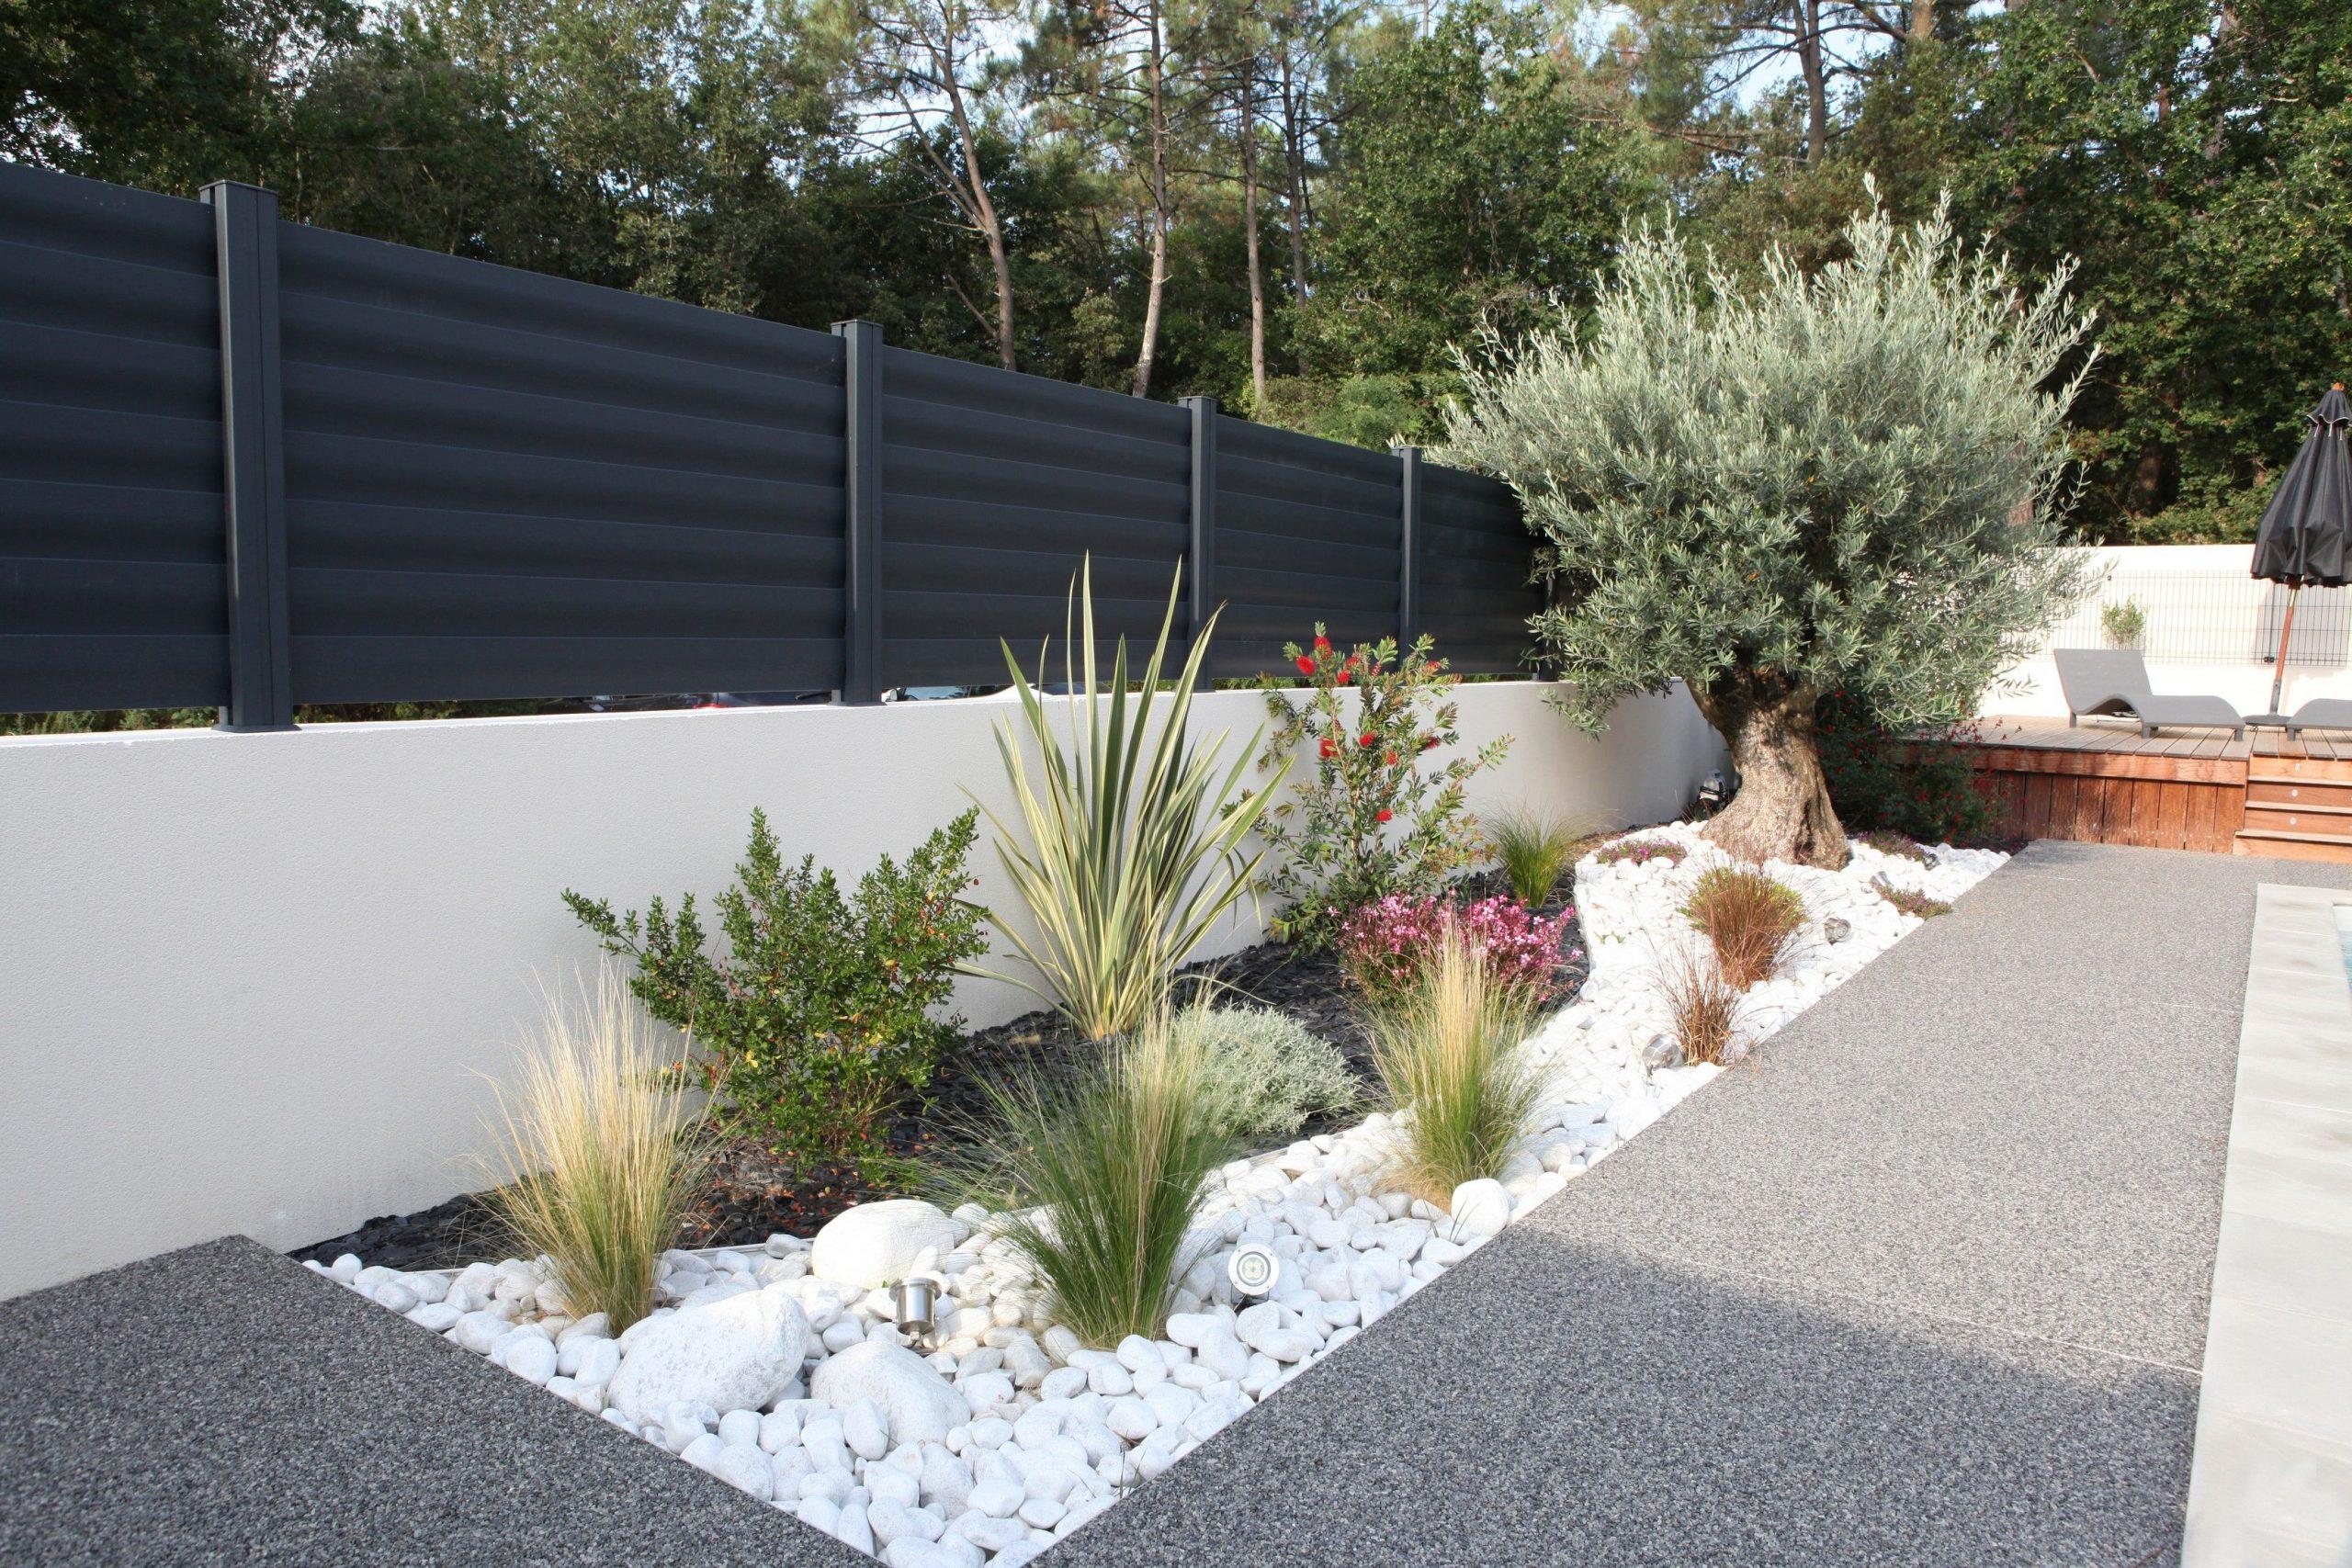 Clôtures Aluminium Modèle Brise Vue #menuiserie #cloturel ... serapportantà Amenagement Mur Jardin